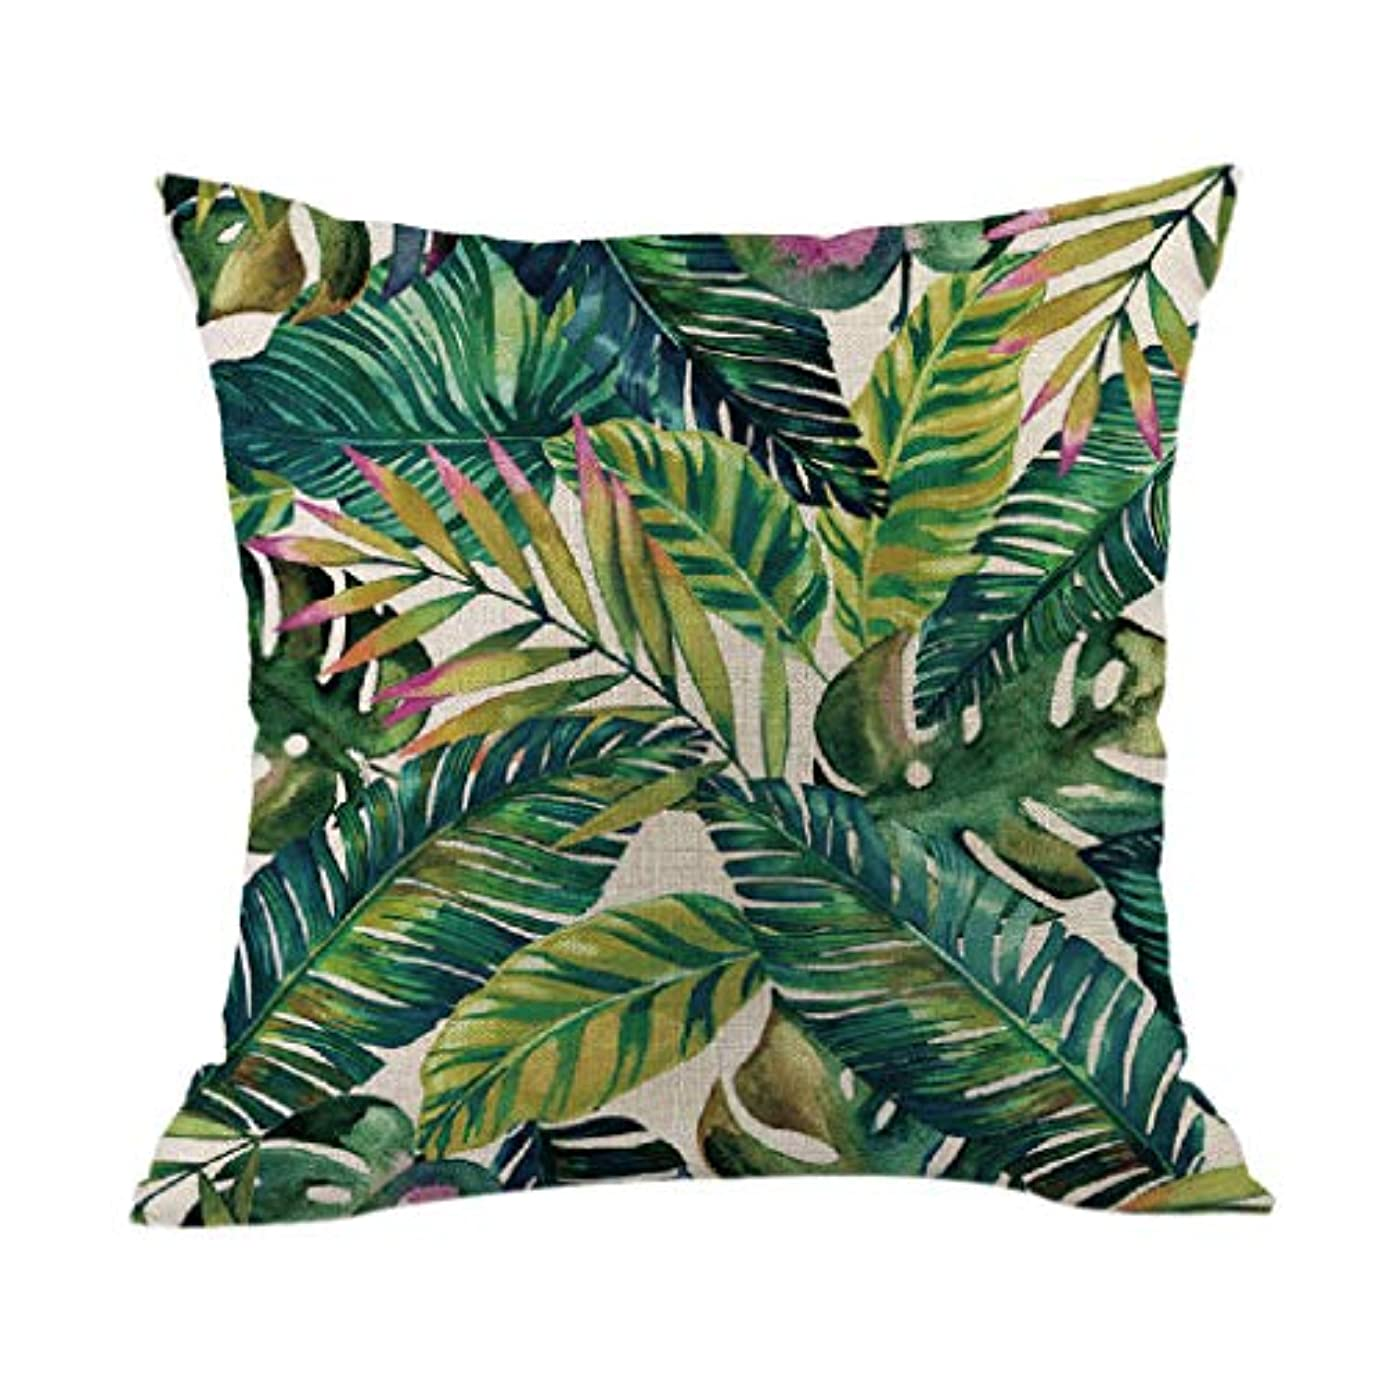 歪めるグリーススロットLIFE 高品質クッション熱帯植物ポリエステル枕ソファ投げるパッドセットホーム人格クッション coussin decoratif クッション 椅子